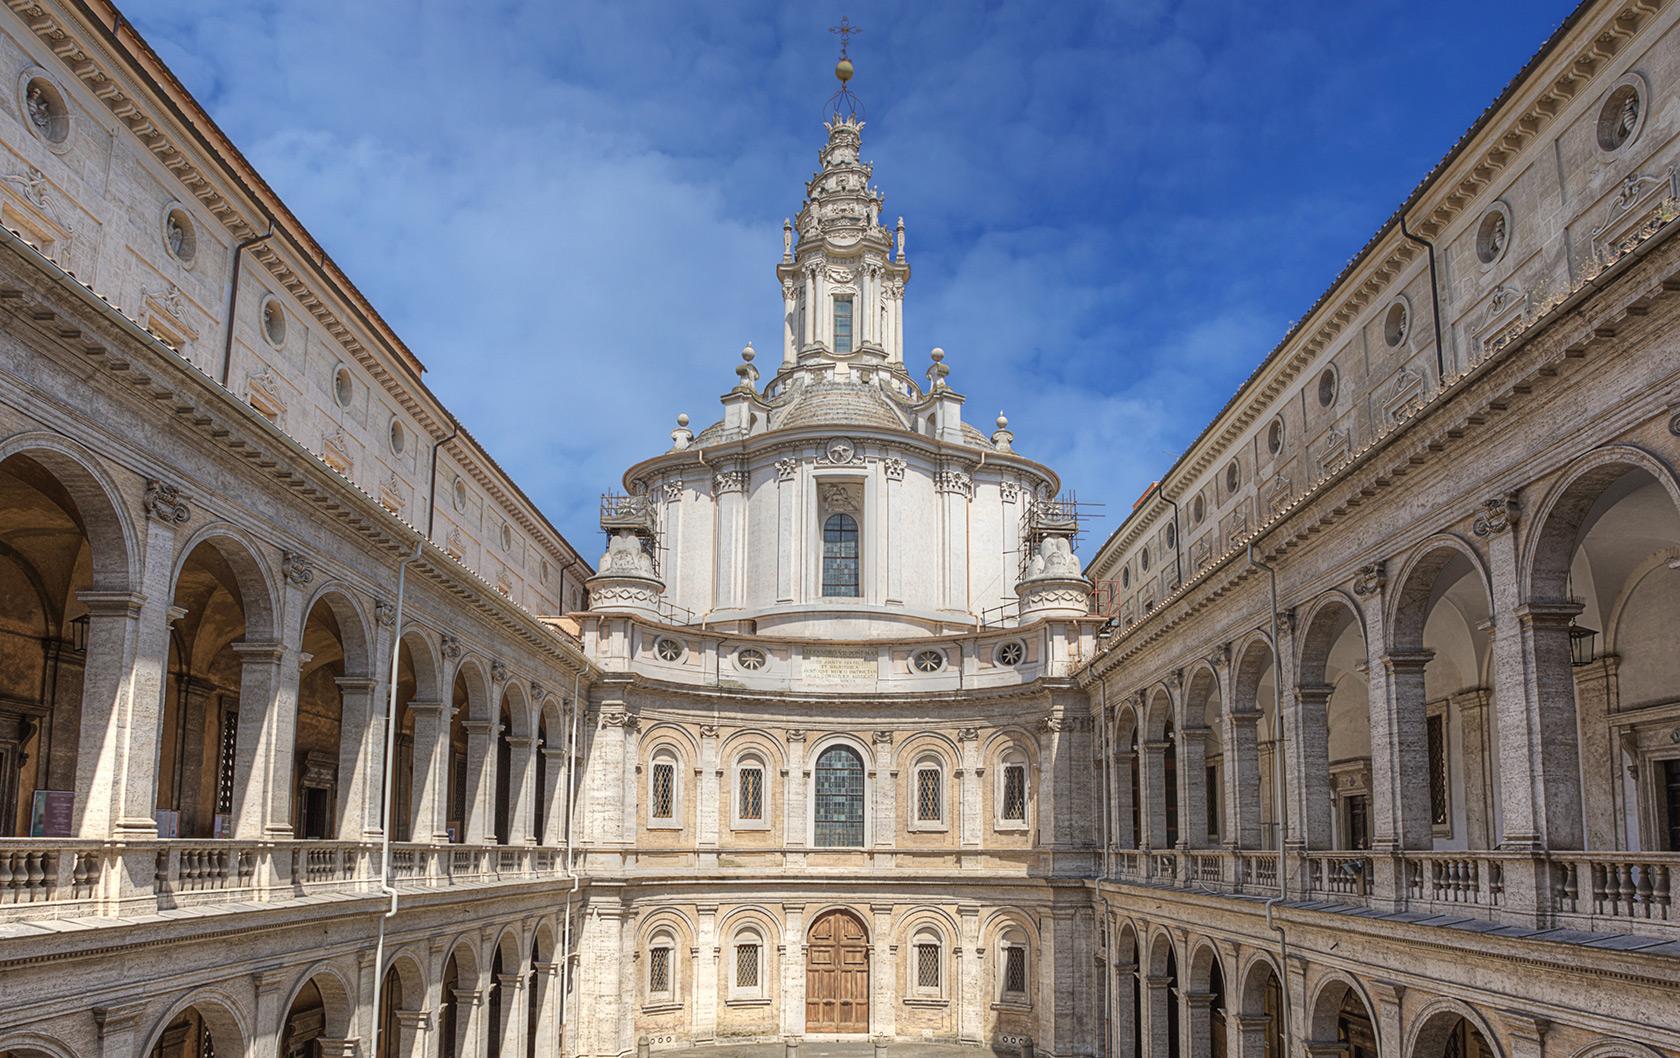 Architects at War – Bernini versus Borromini